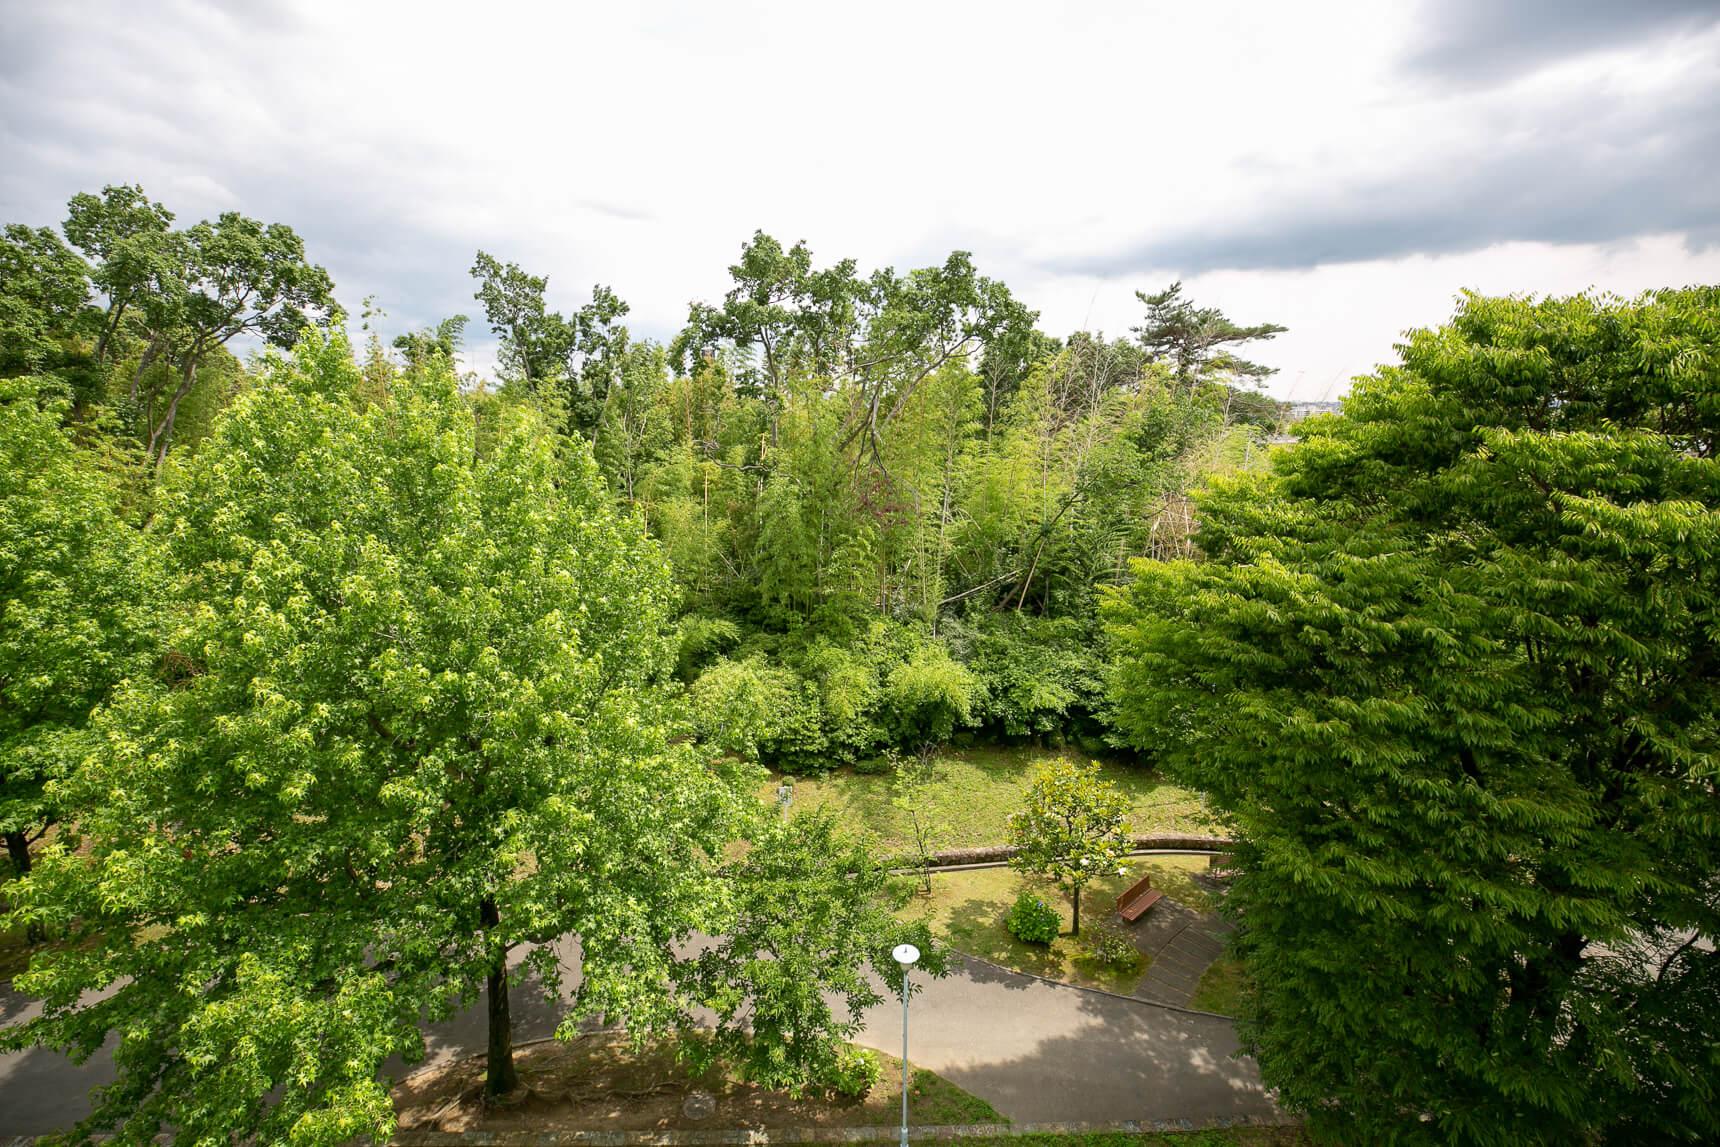 こちらは、団地の5階からの風景。周りを竹林に囲まれている様子がよくわかります。お部屋にいながらにして森林浴ができてしまうような環境ですね